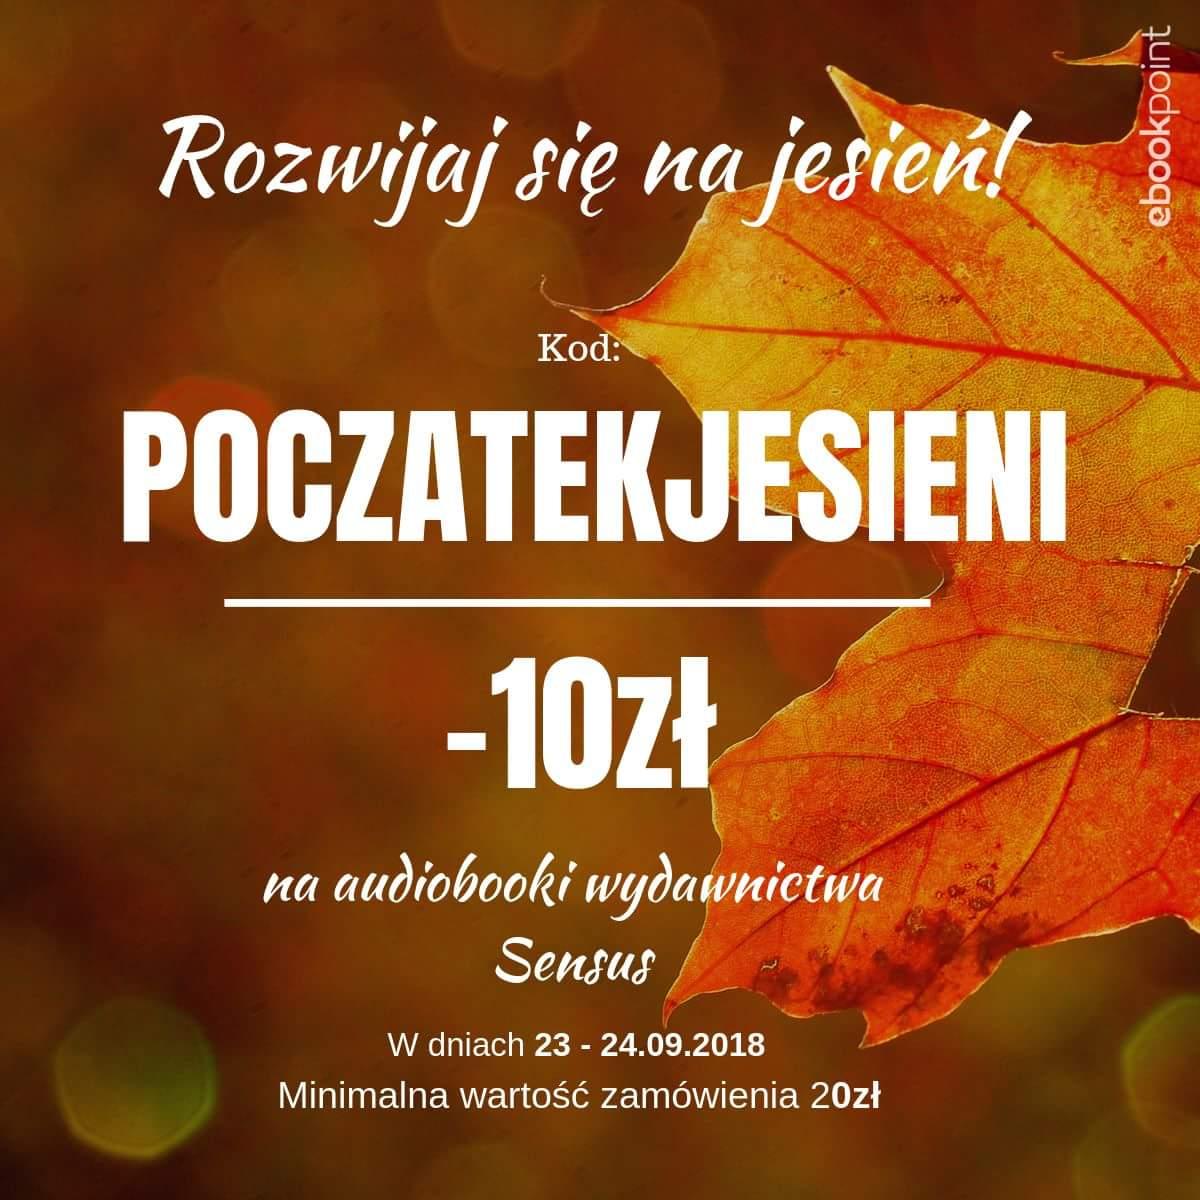 Audiobooki wydawnictwa Sensus 10 zł taniej (MWZ 20 zł) @ ebookpoint